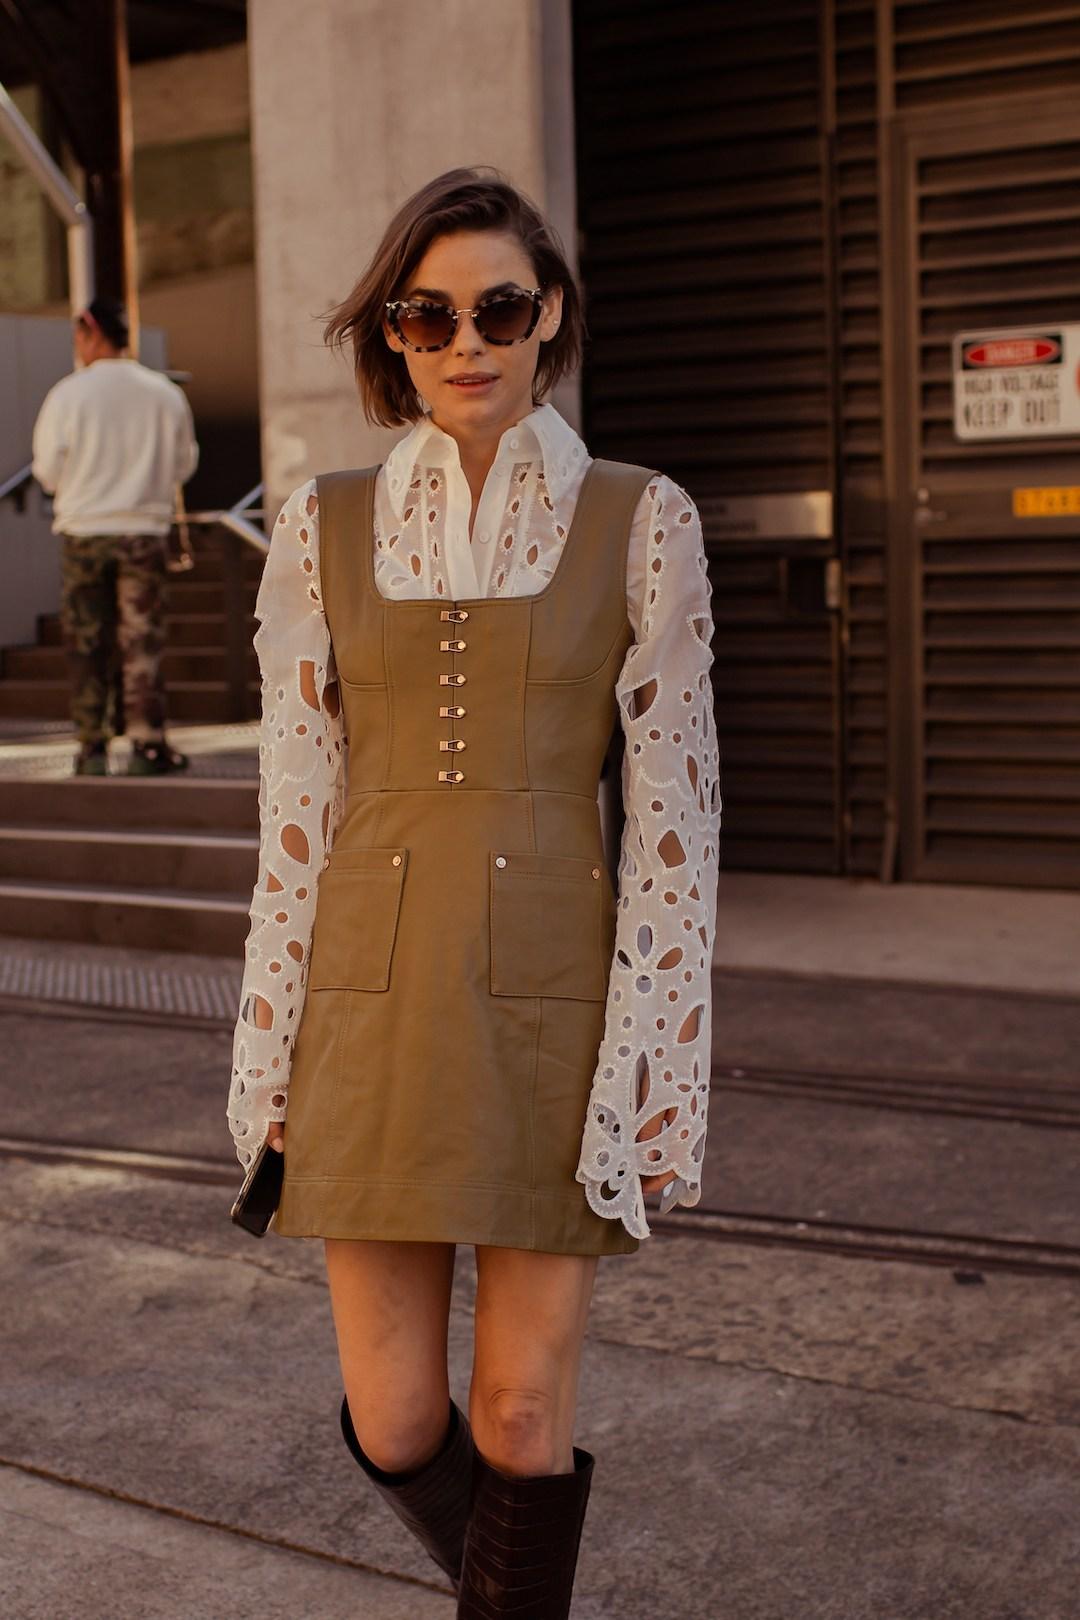 Mặc đẹp mùa Hè với áo mỏng và đầm ngắn